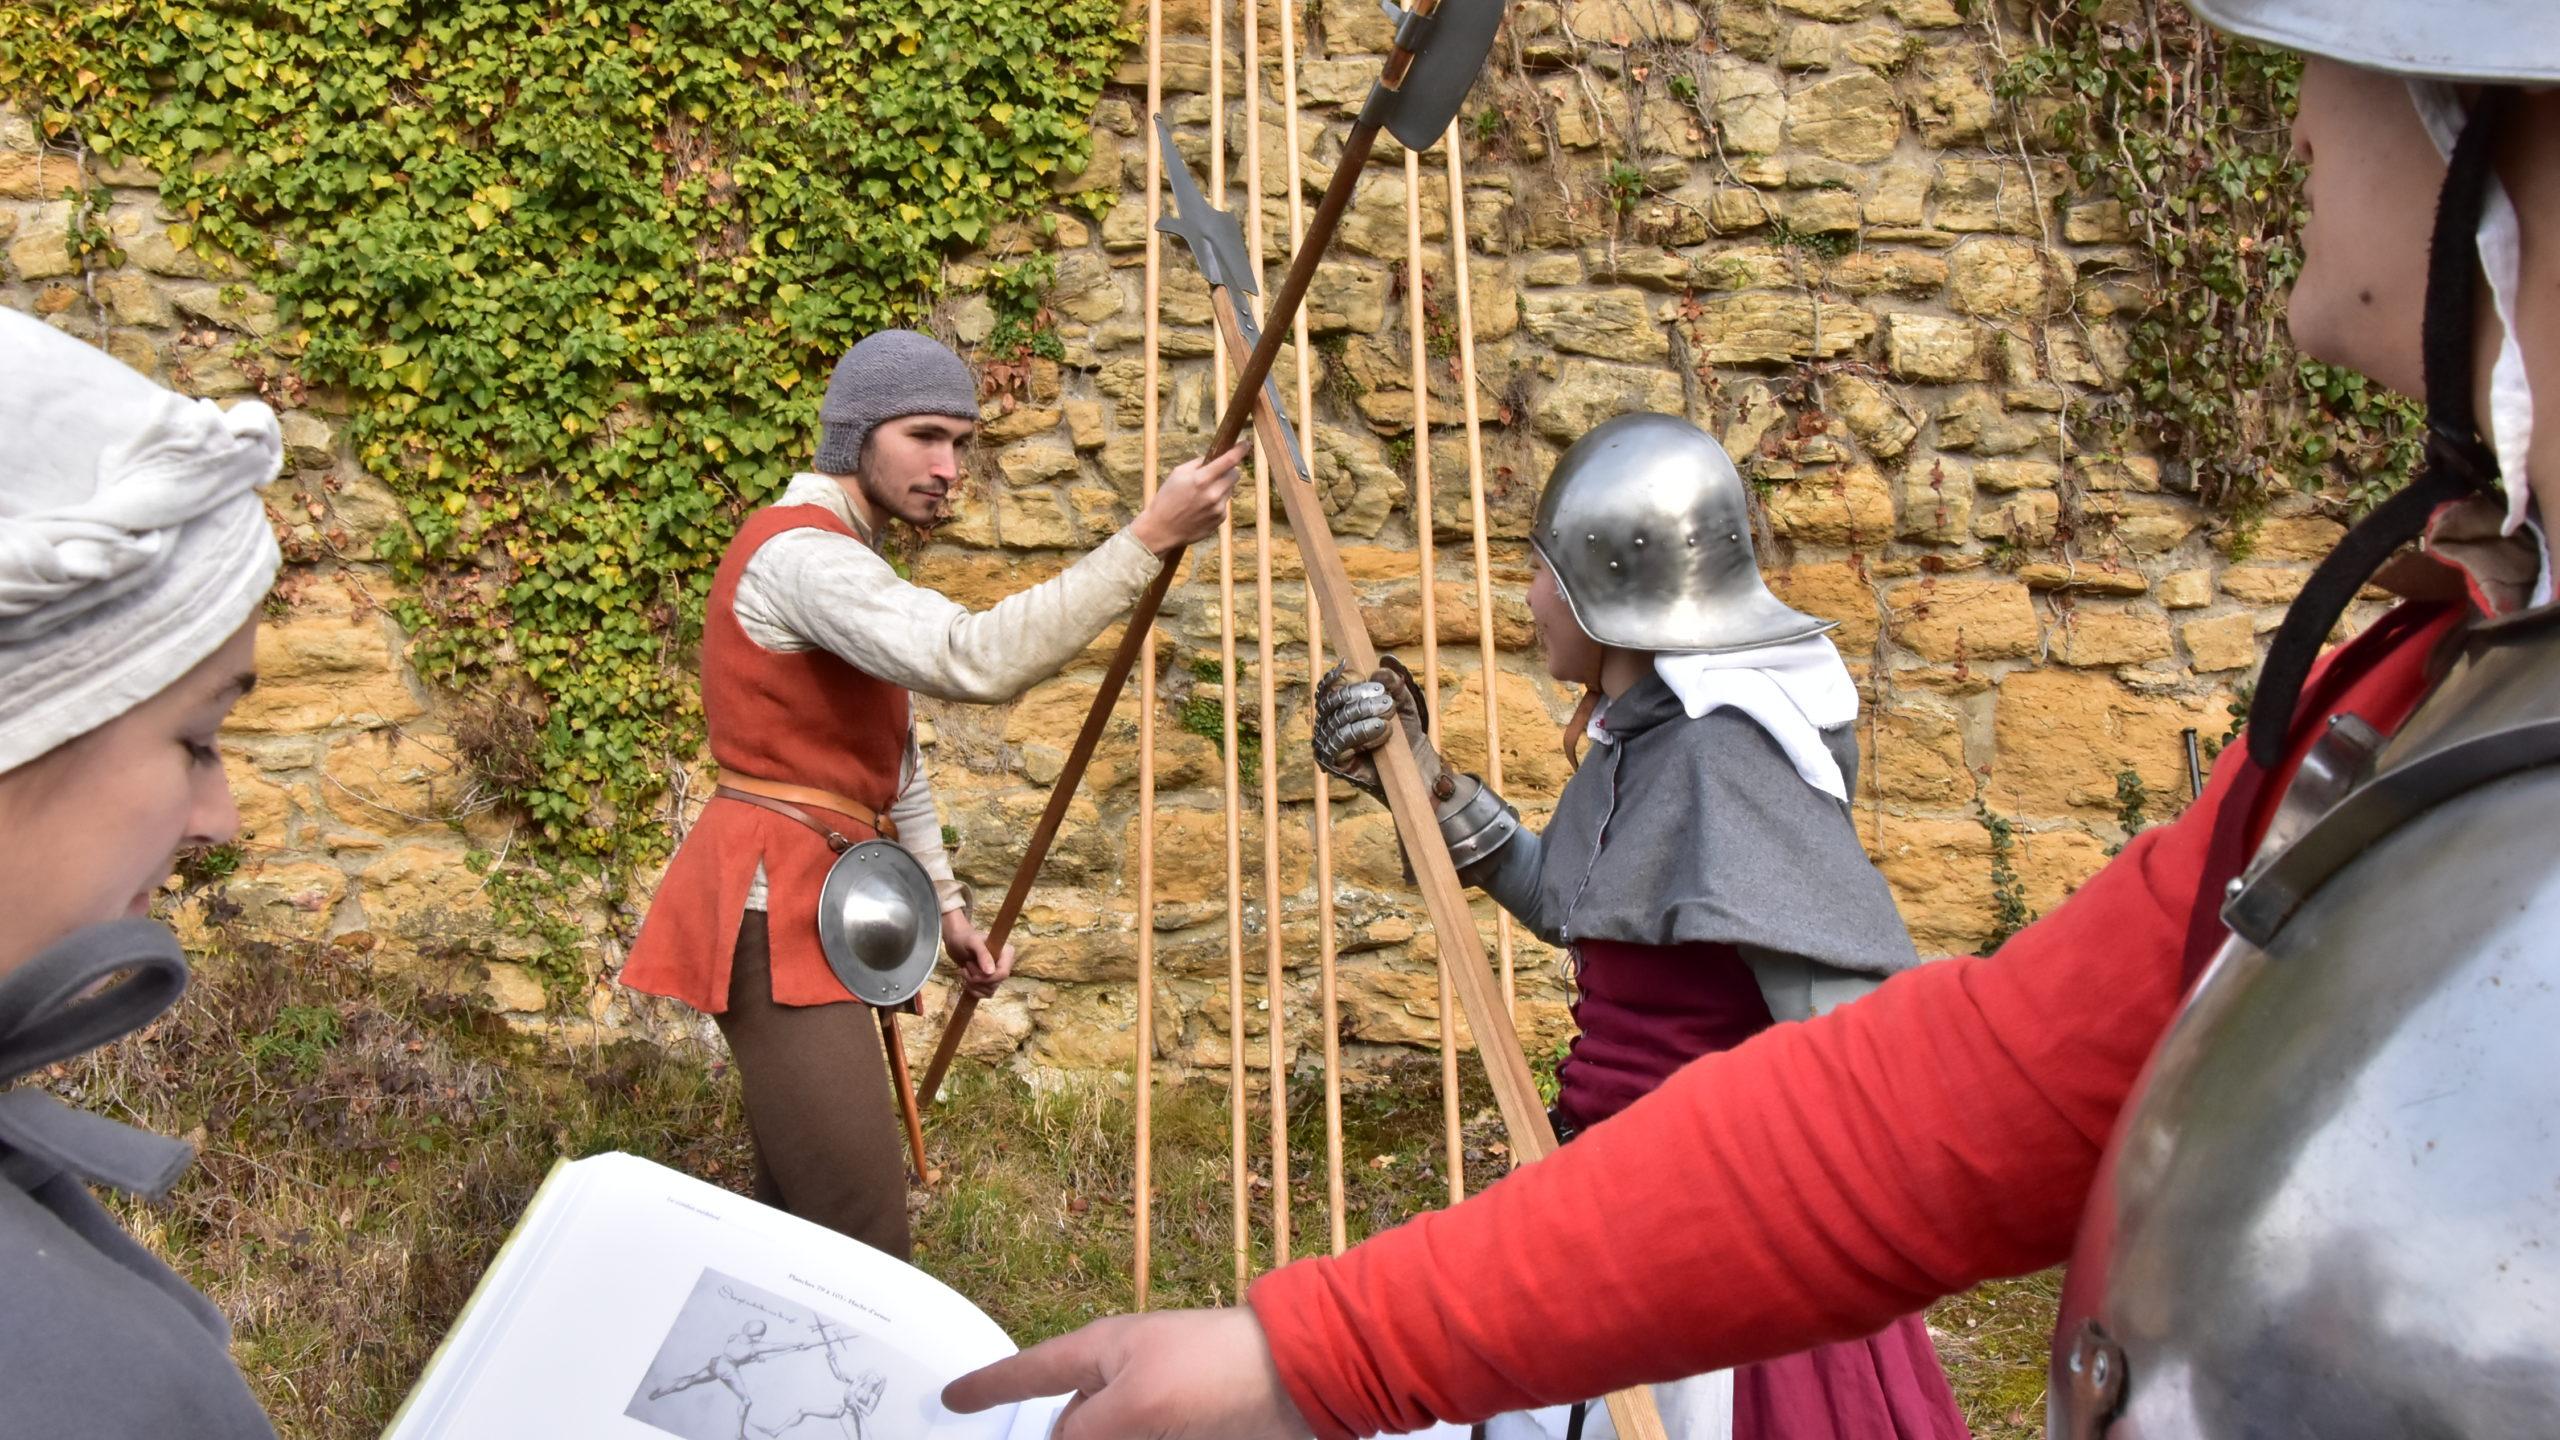 Duel avec des armes comme au Moyen Âge